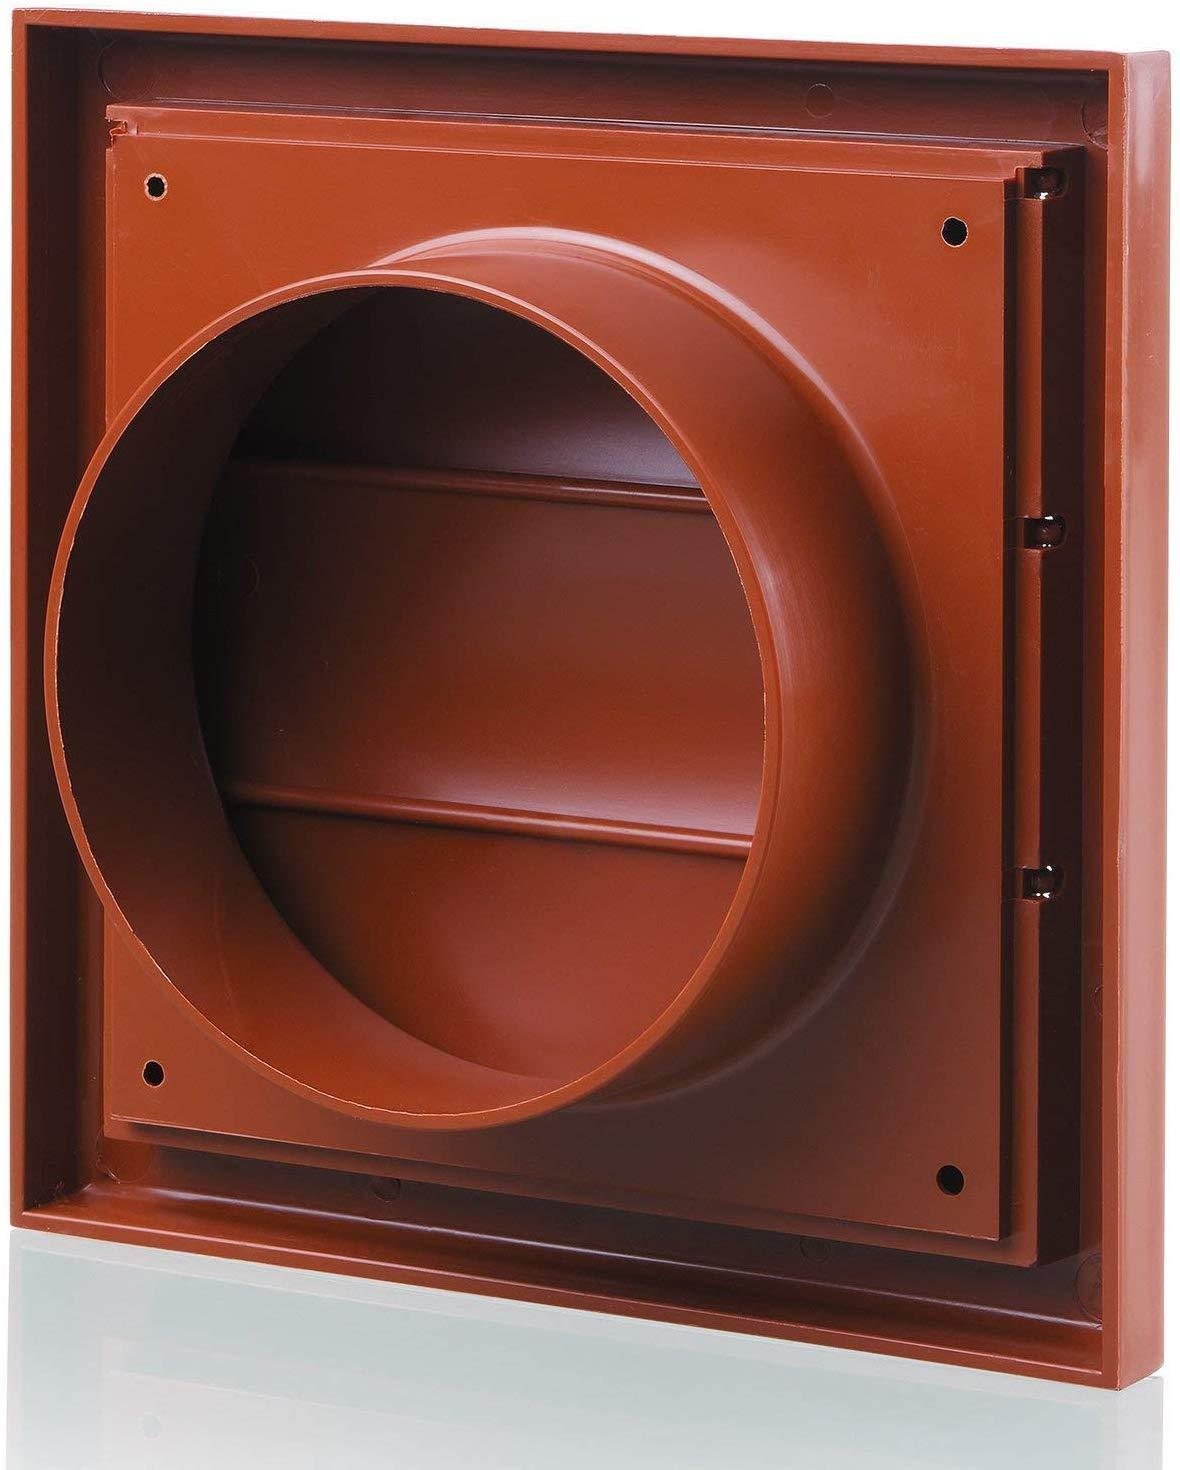 /Brazo para fijaci/ón en pared funda/ Blauberg UK 6/pulgadas 150/mm conducto de pl/ástico redondo y accesorios para ventilador Extractor ventilaci/ón/ /150/mm